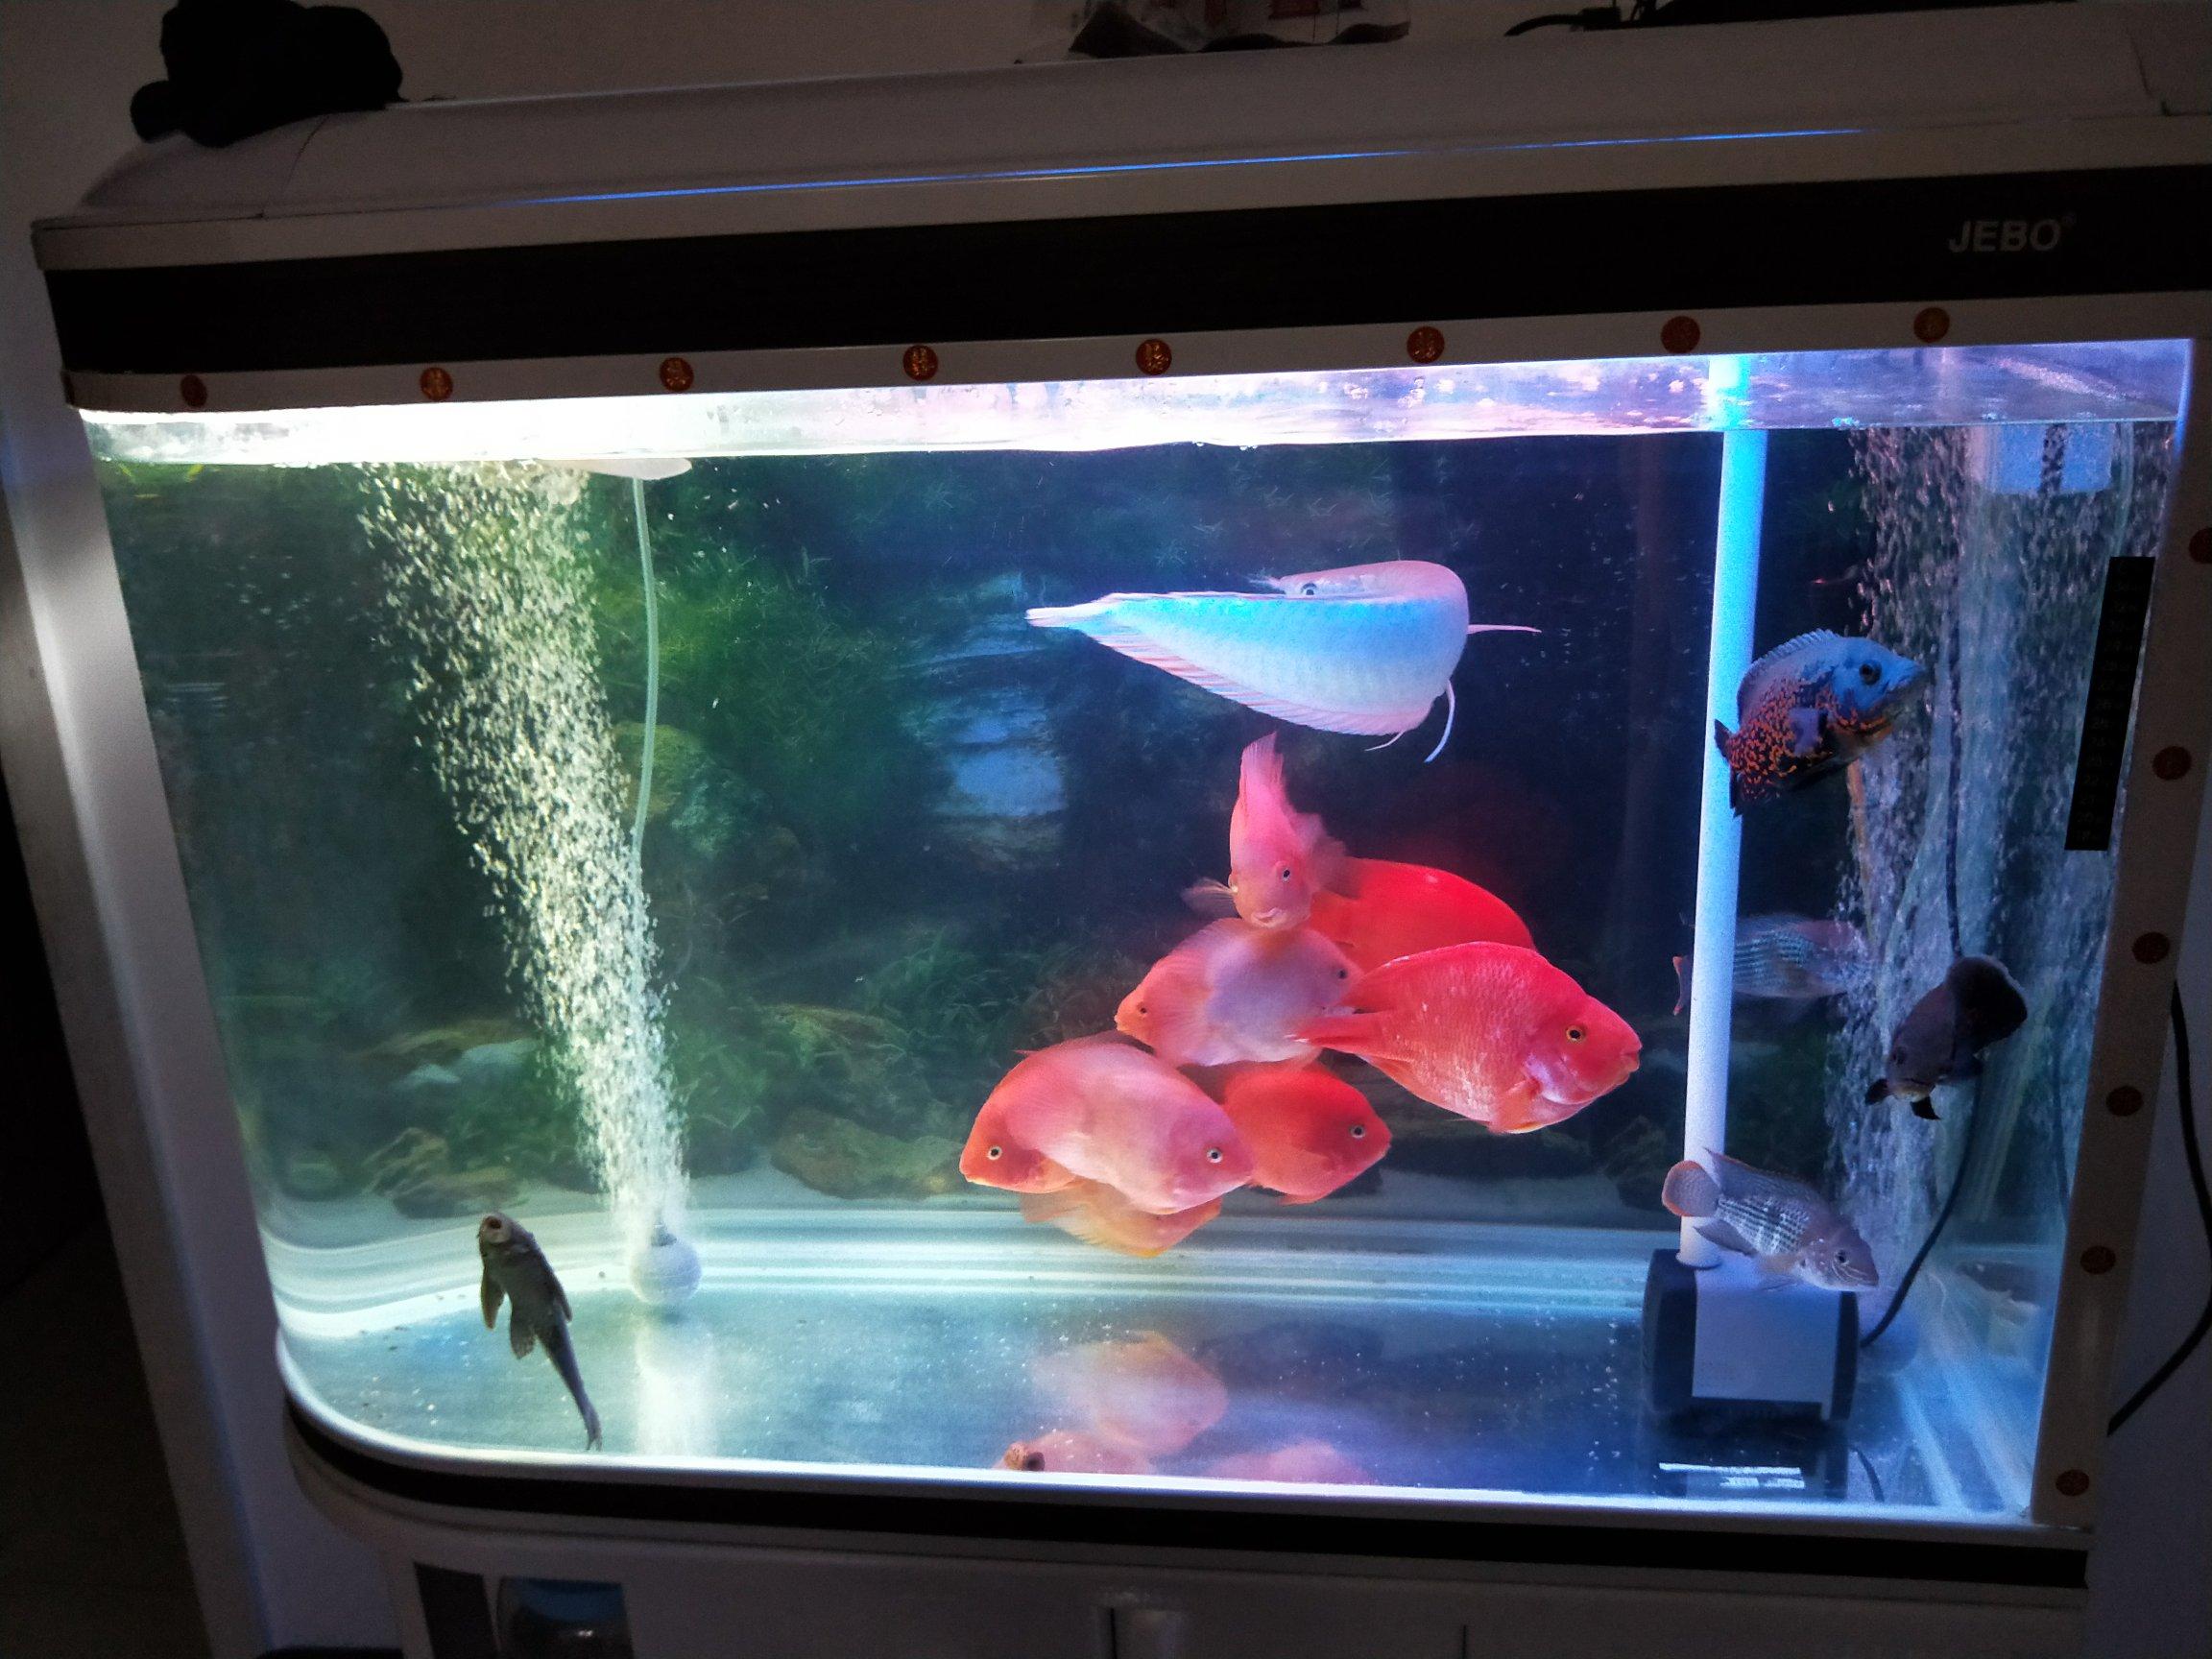 【西安红龙鱼粮】鱼鱼 今天都怎么爱动 为什么呢 西安观赏鱼信息 西安博特第3张